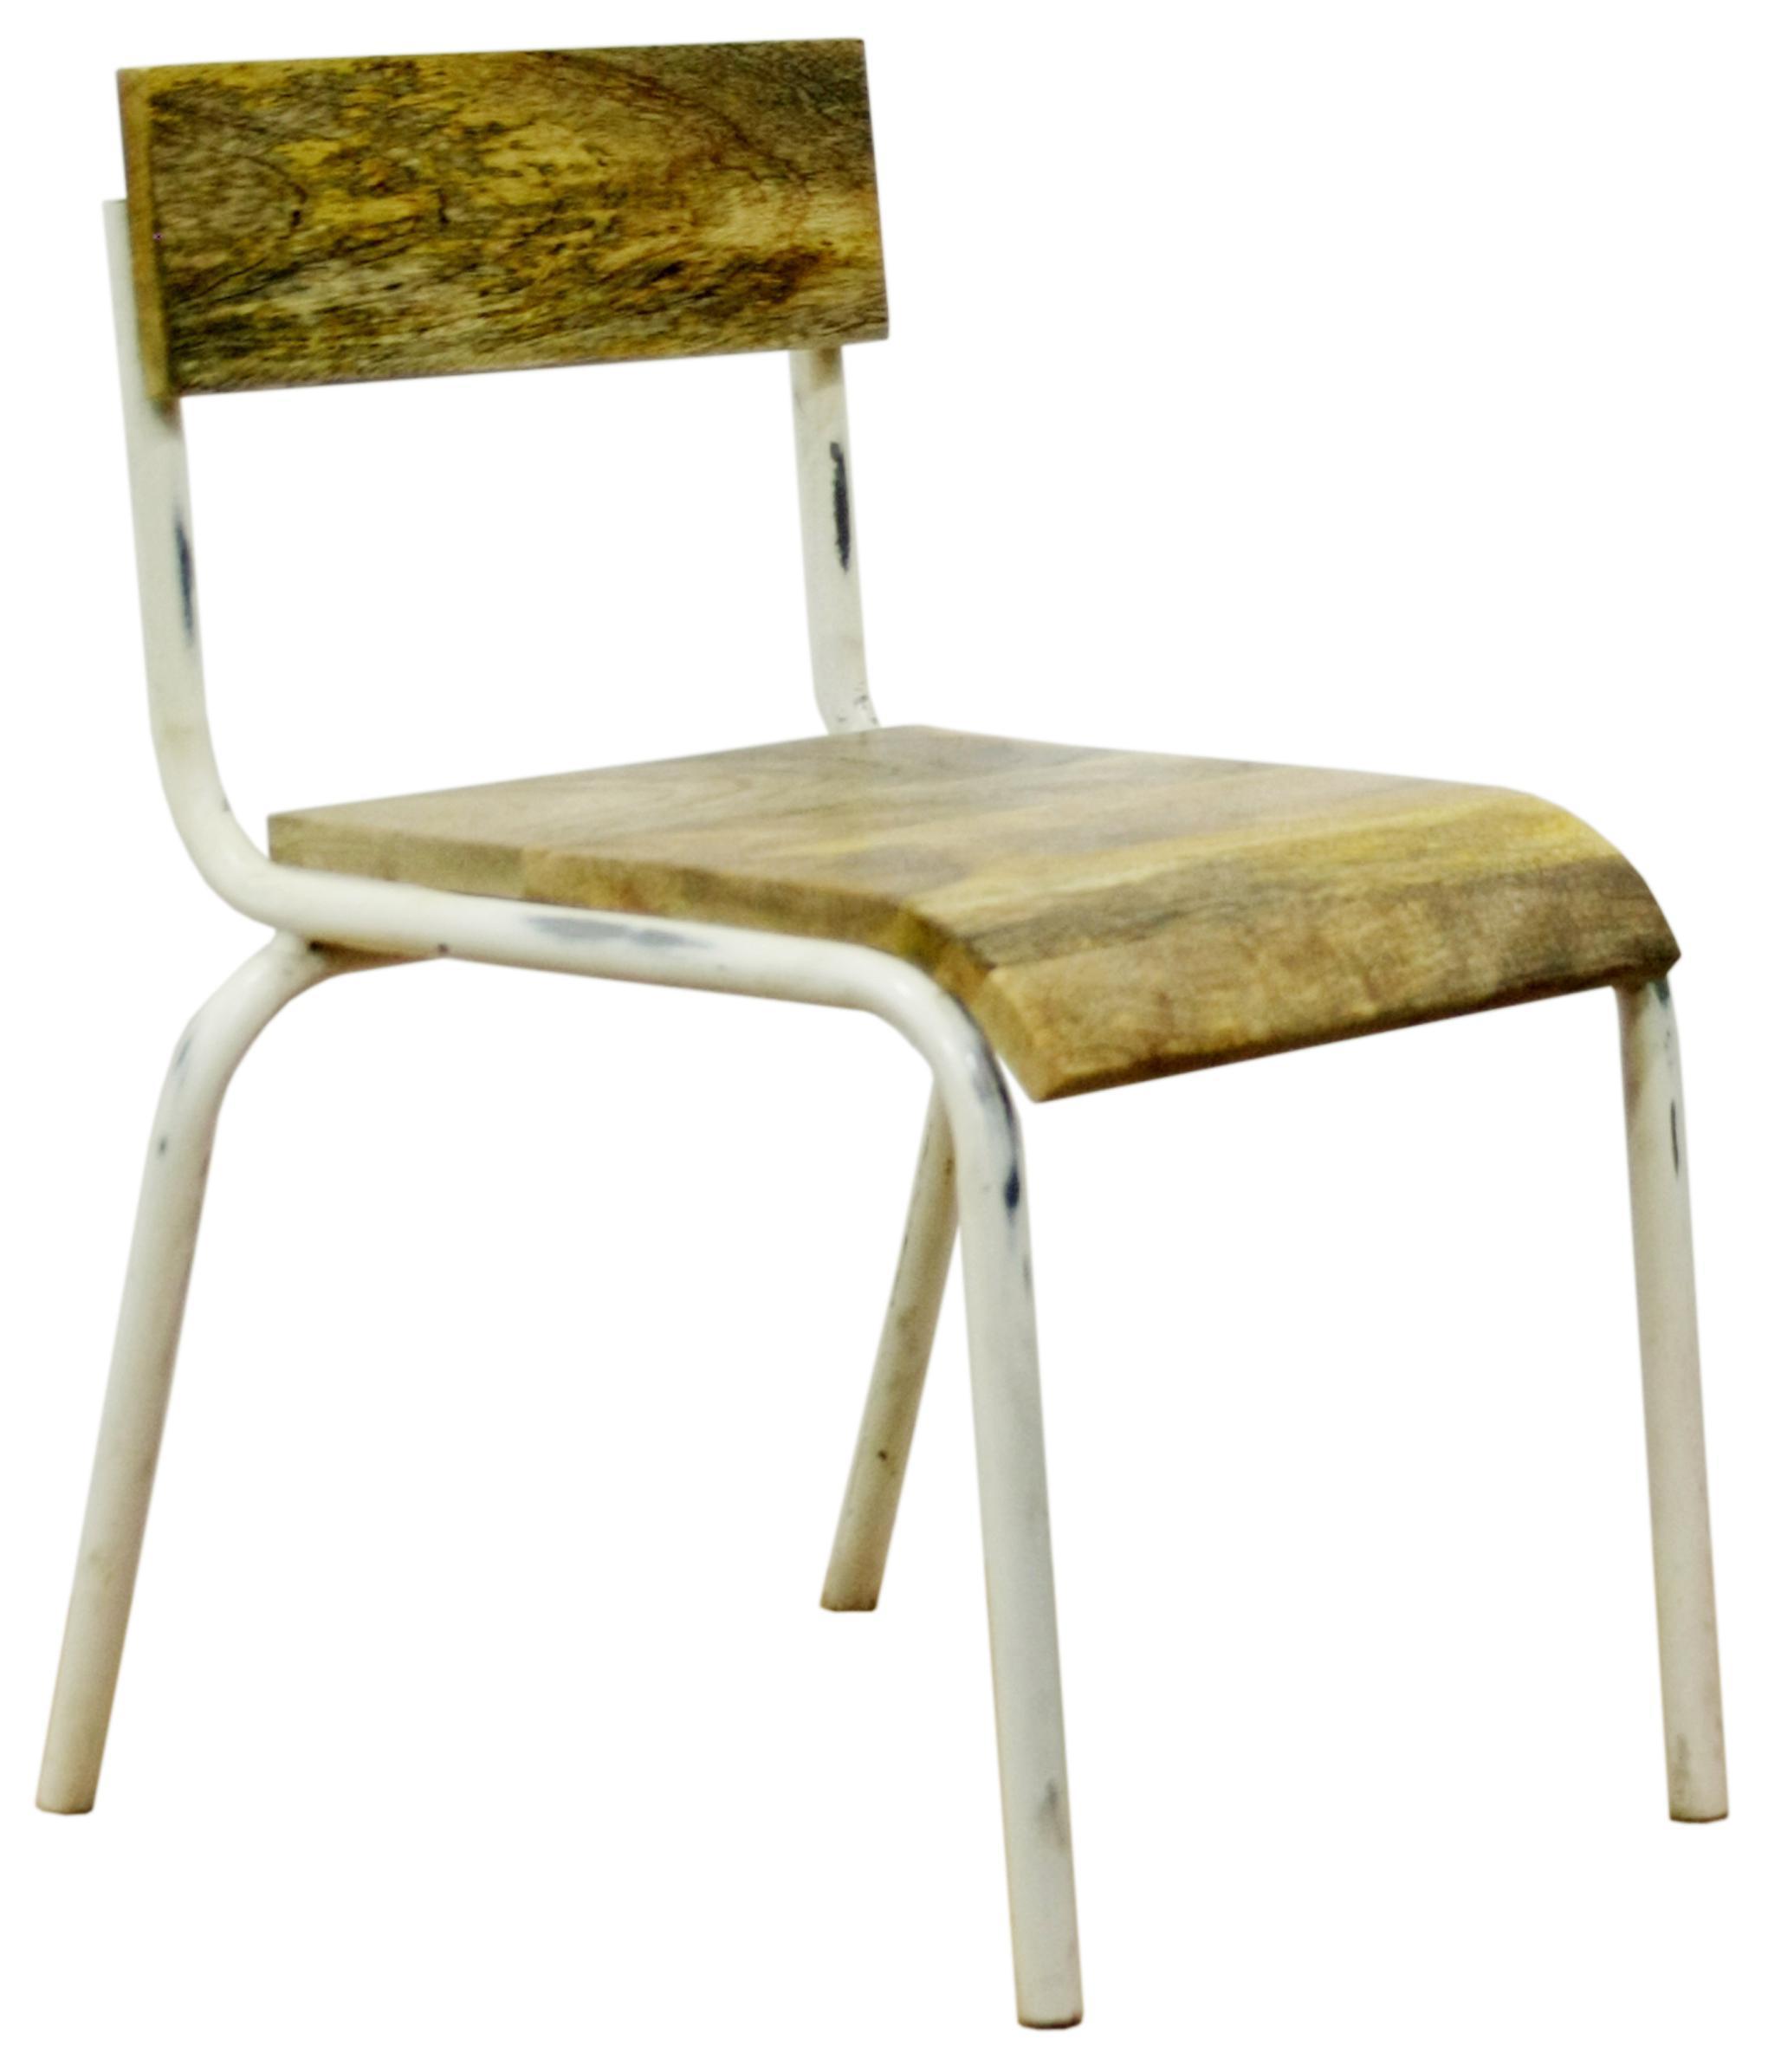 kidsdepot kinderstuhl holz metall wei tisch und stuhl im kinderlampenland. Black Bedroom Furniture Sets. Home Design Ideas